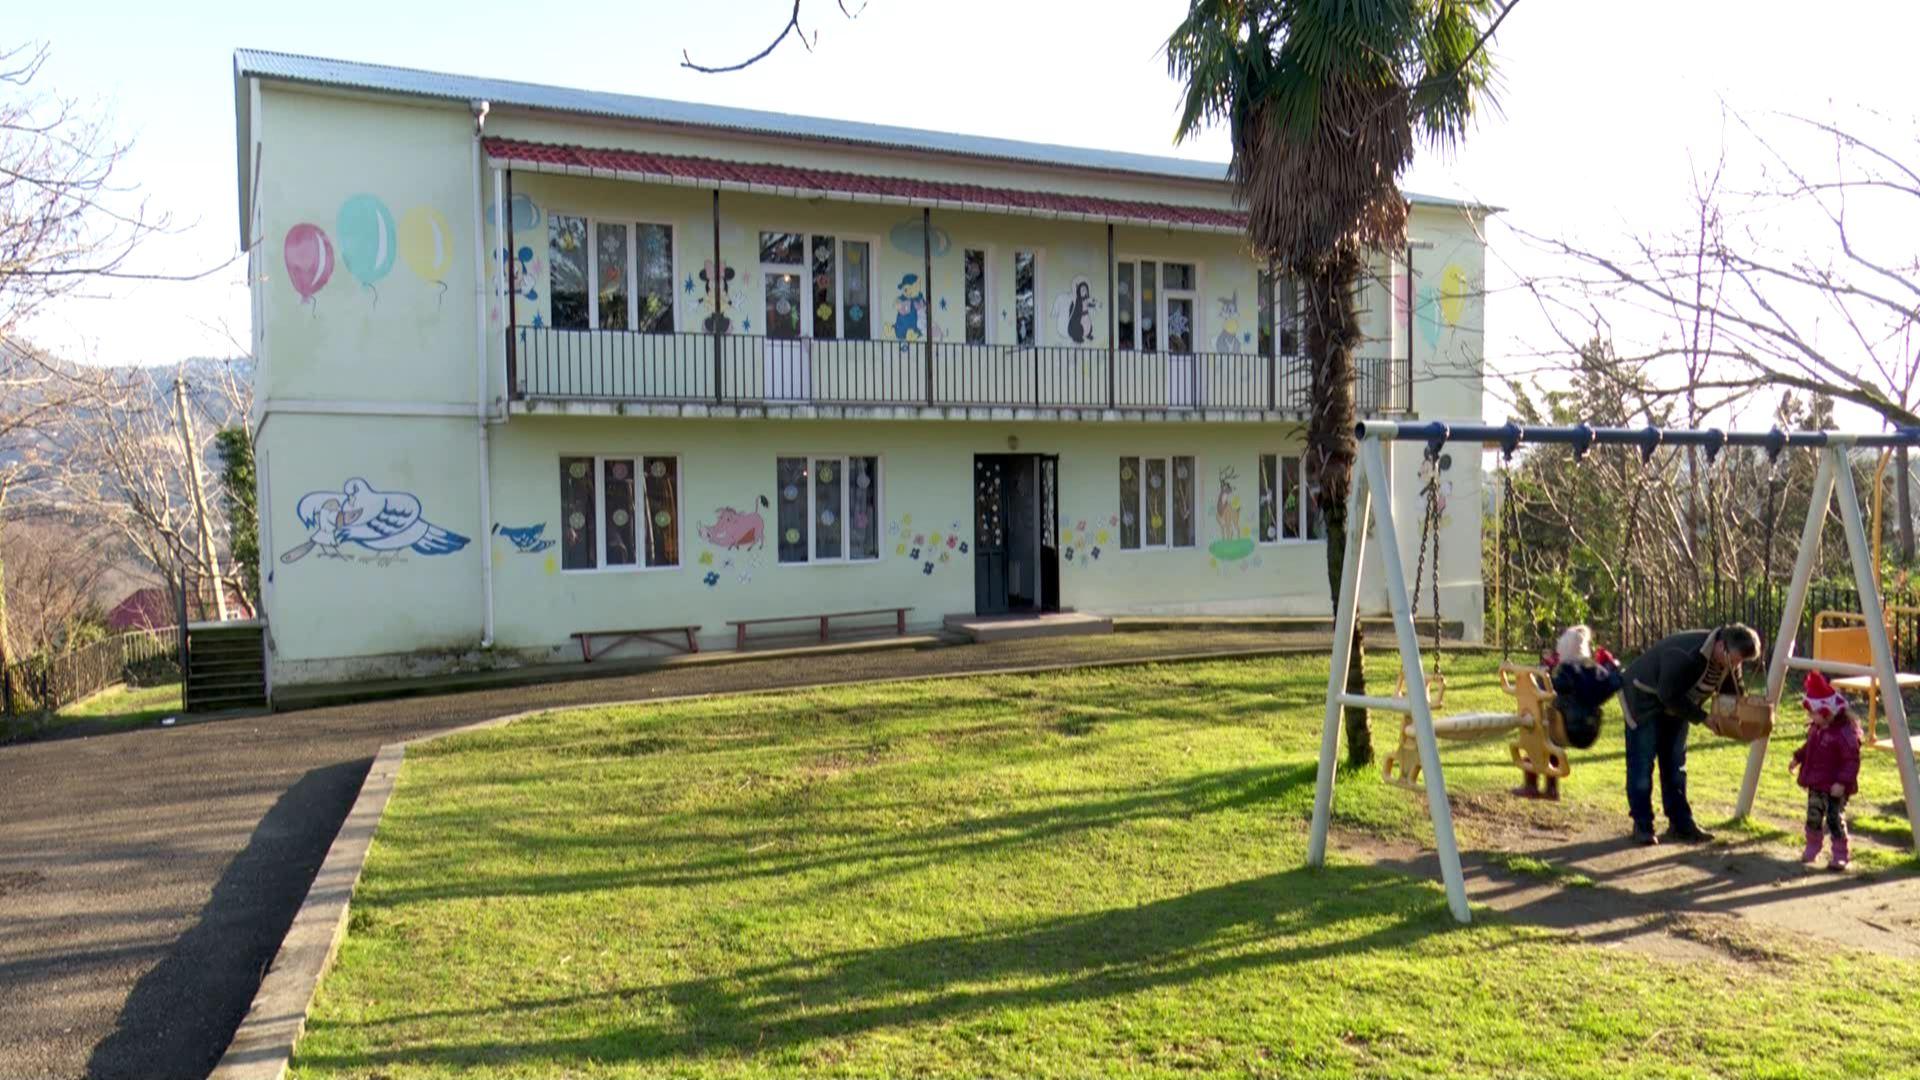 მიკრობიოლოგიურად დაბინძურებული წყალი და დარღვევები ქობულეთის საბავშვო ბაღებში